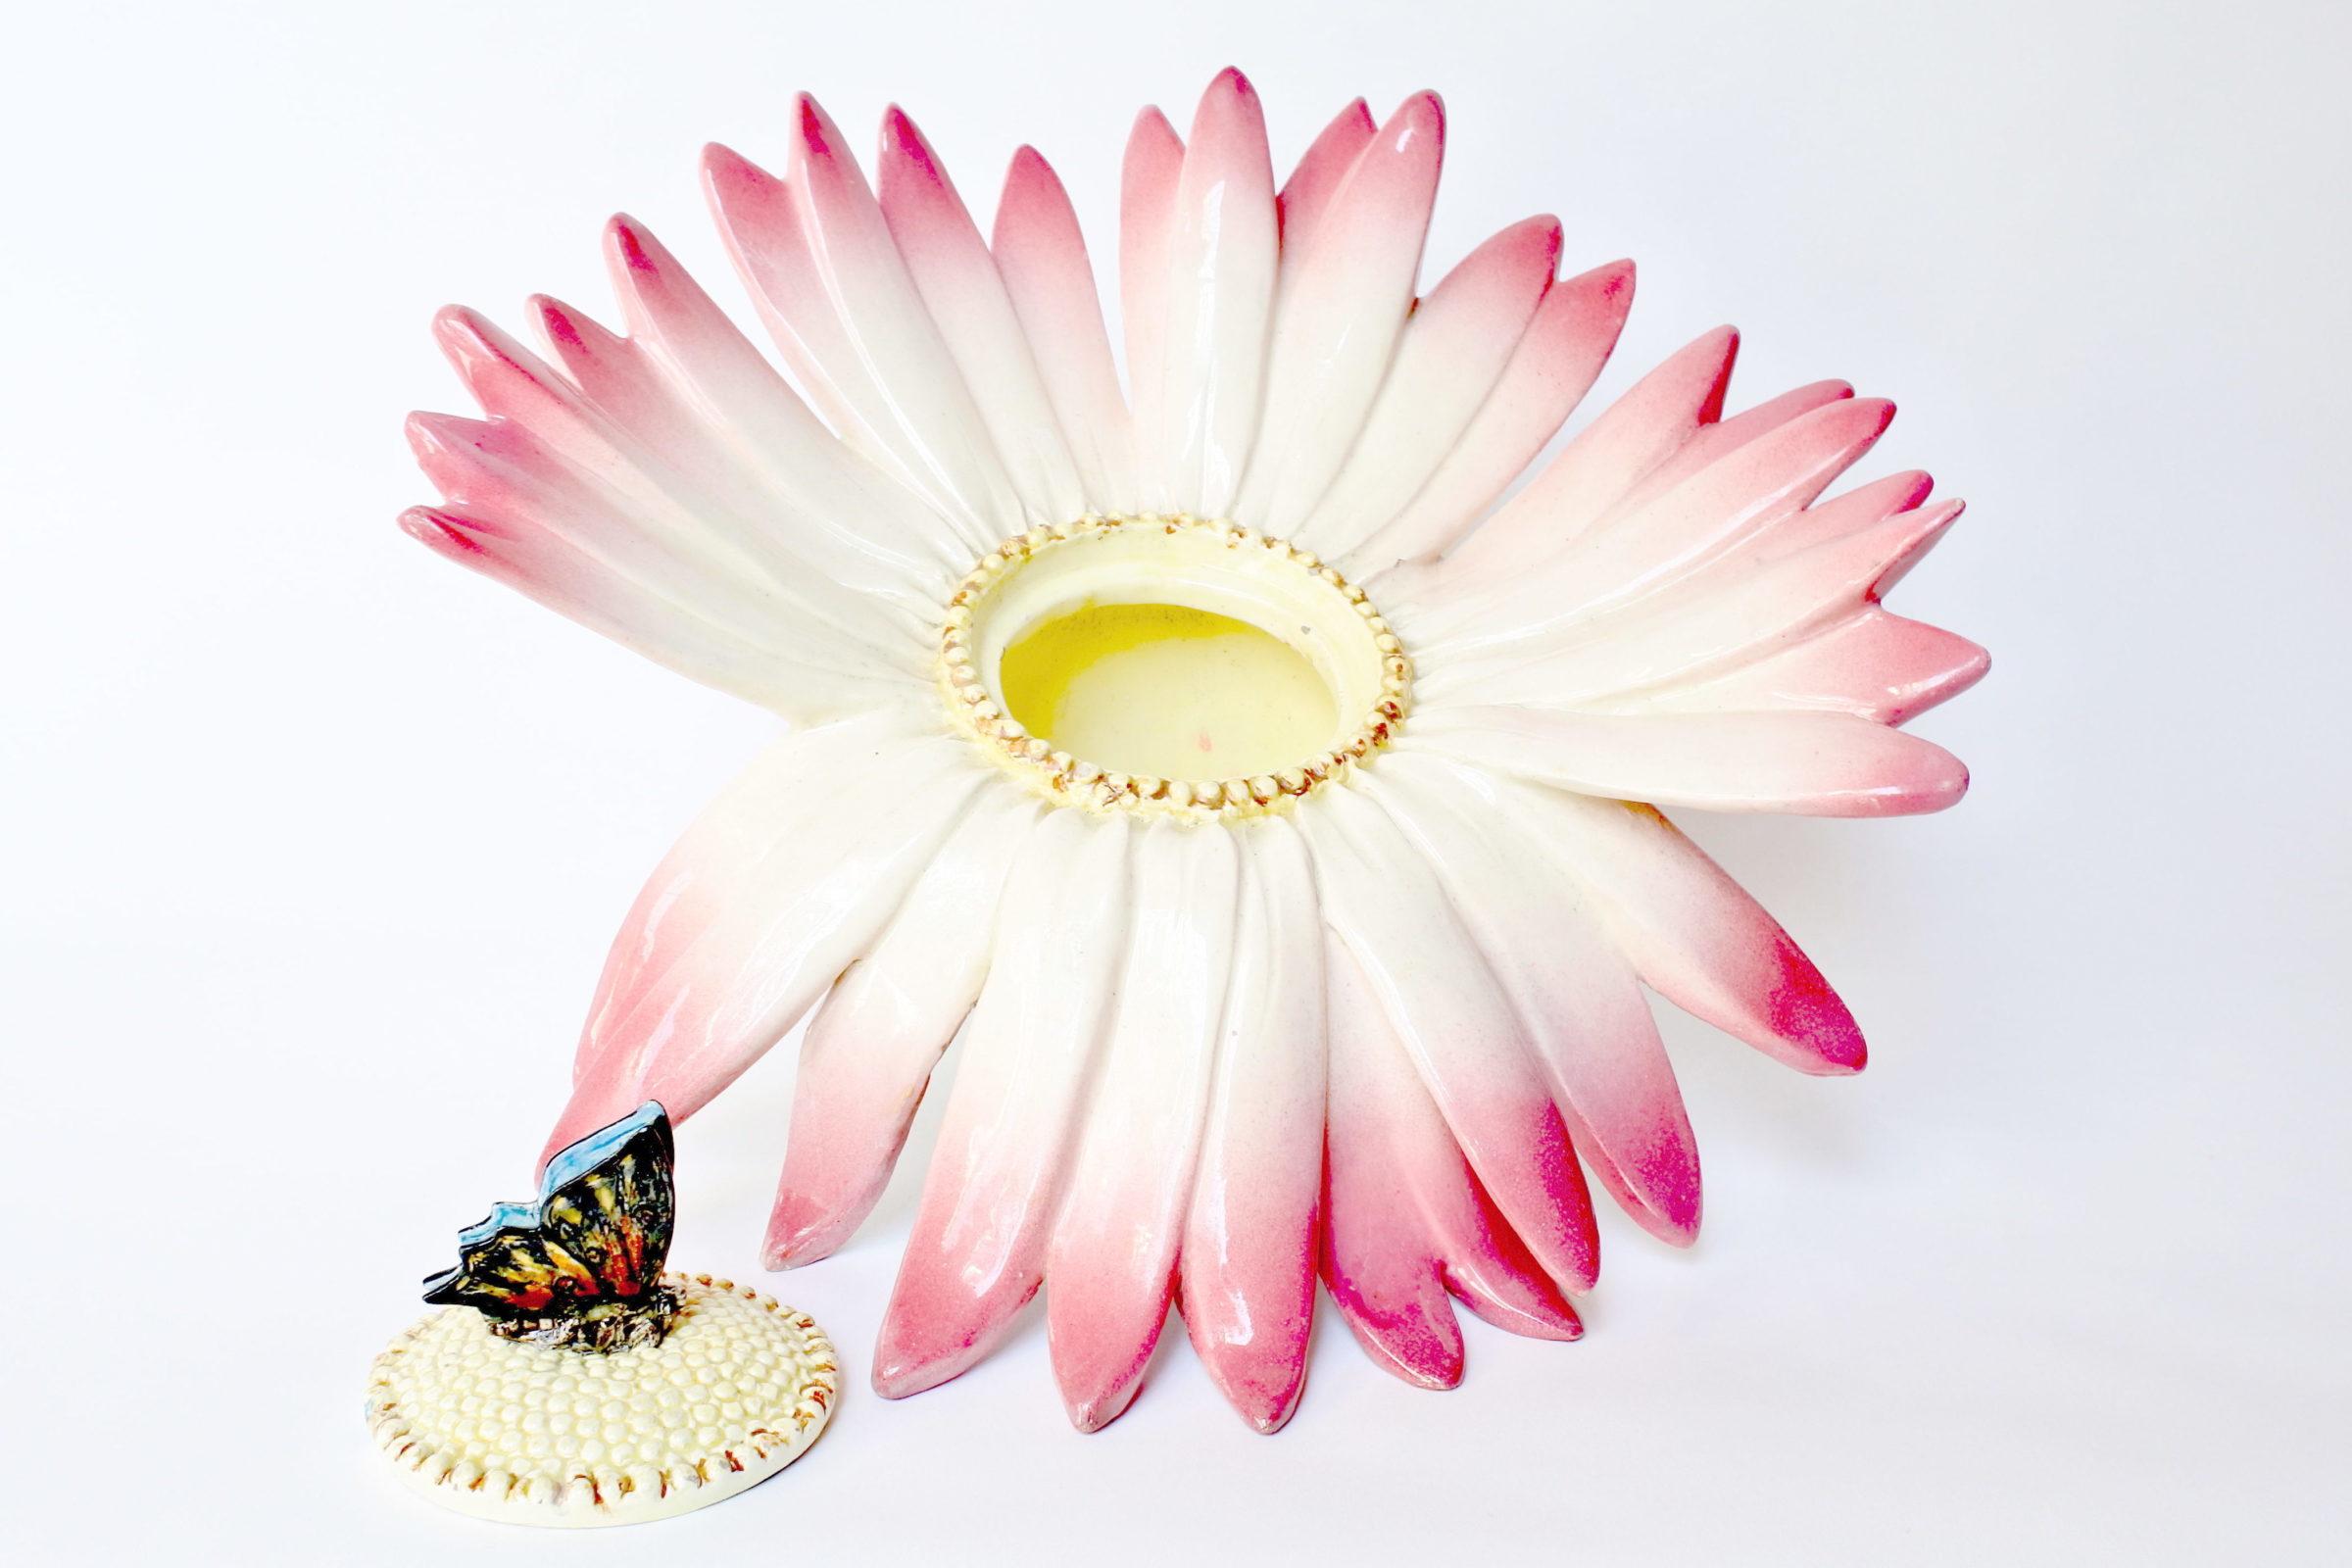 Centro tavola Massier in ceramica barbotine a forma di margherita con farfalla - 2